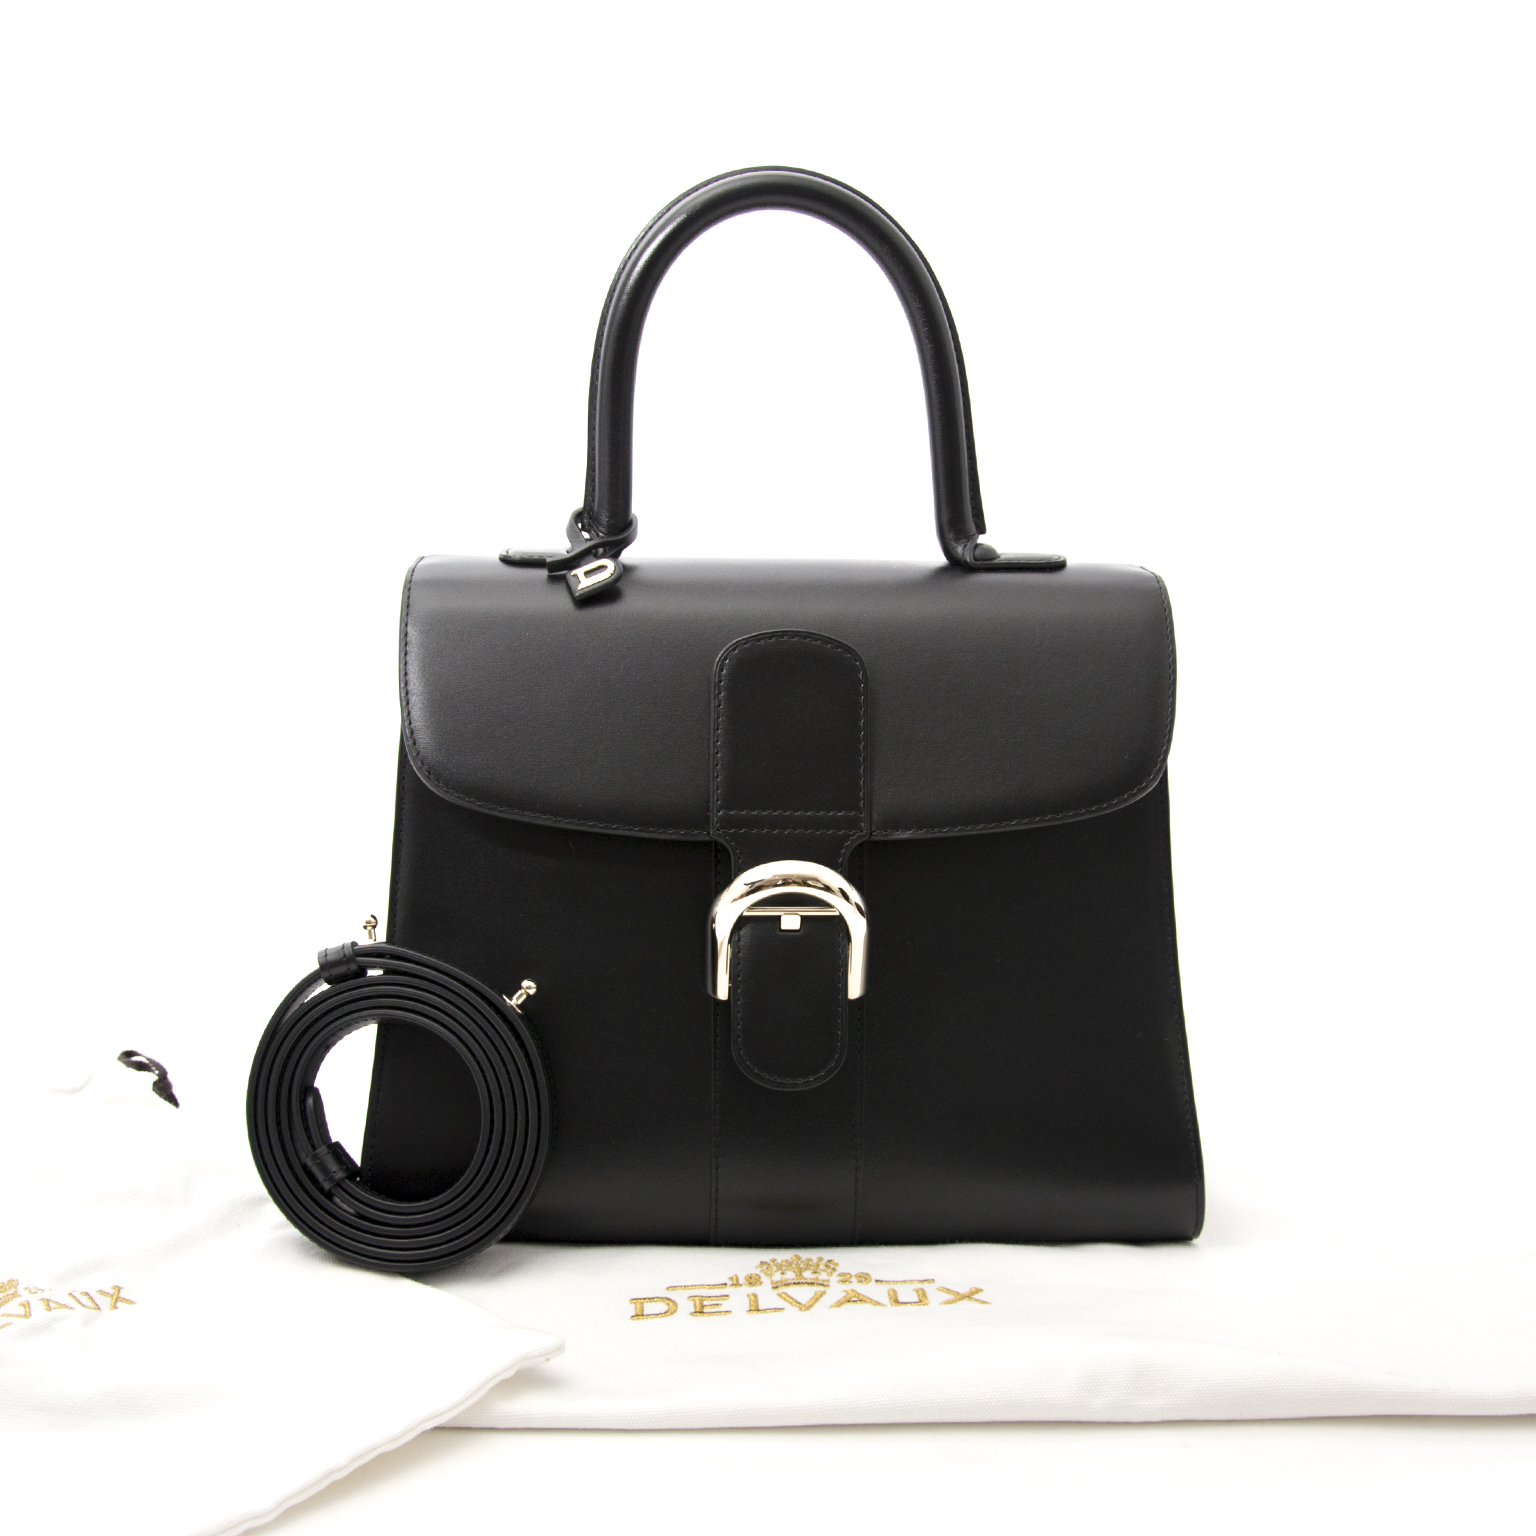 koop veilig online aan de beste prijs nieuwe zwarte Delvaux Brillant MM PHW + STRAP